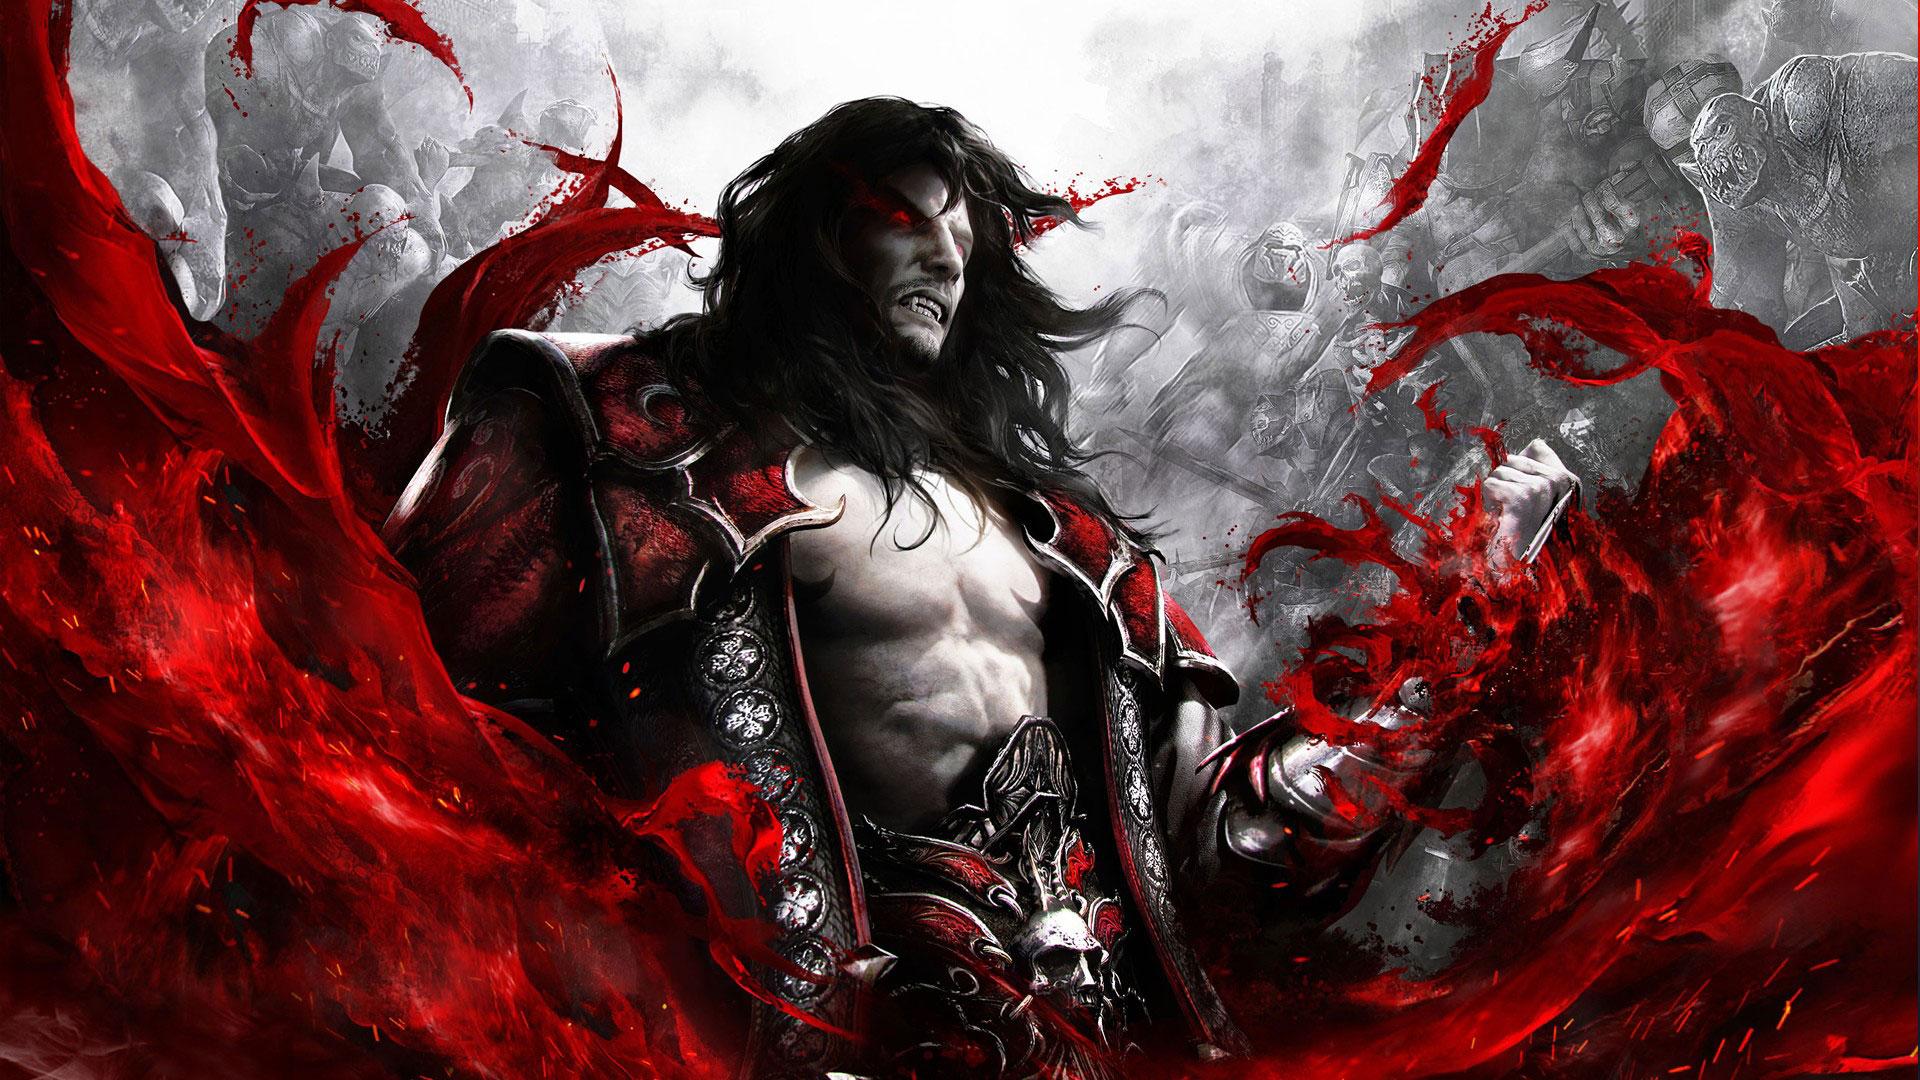 恶魔城暗影之王2最新高清游戏壁纸